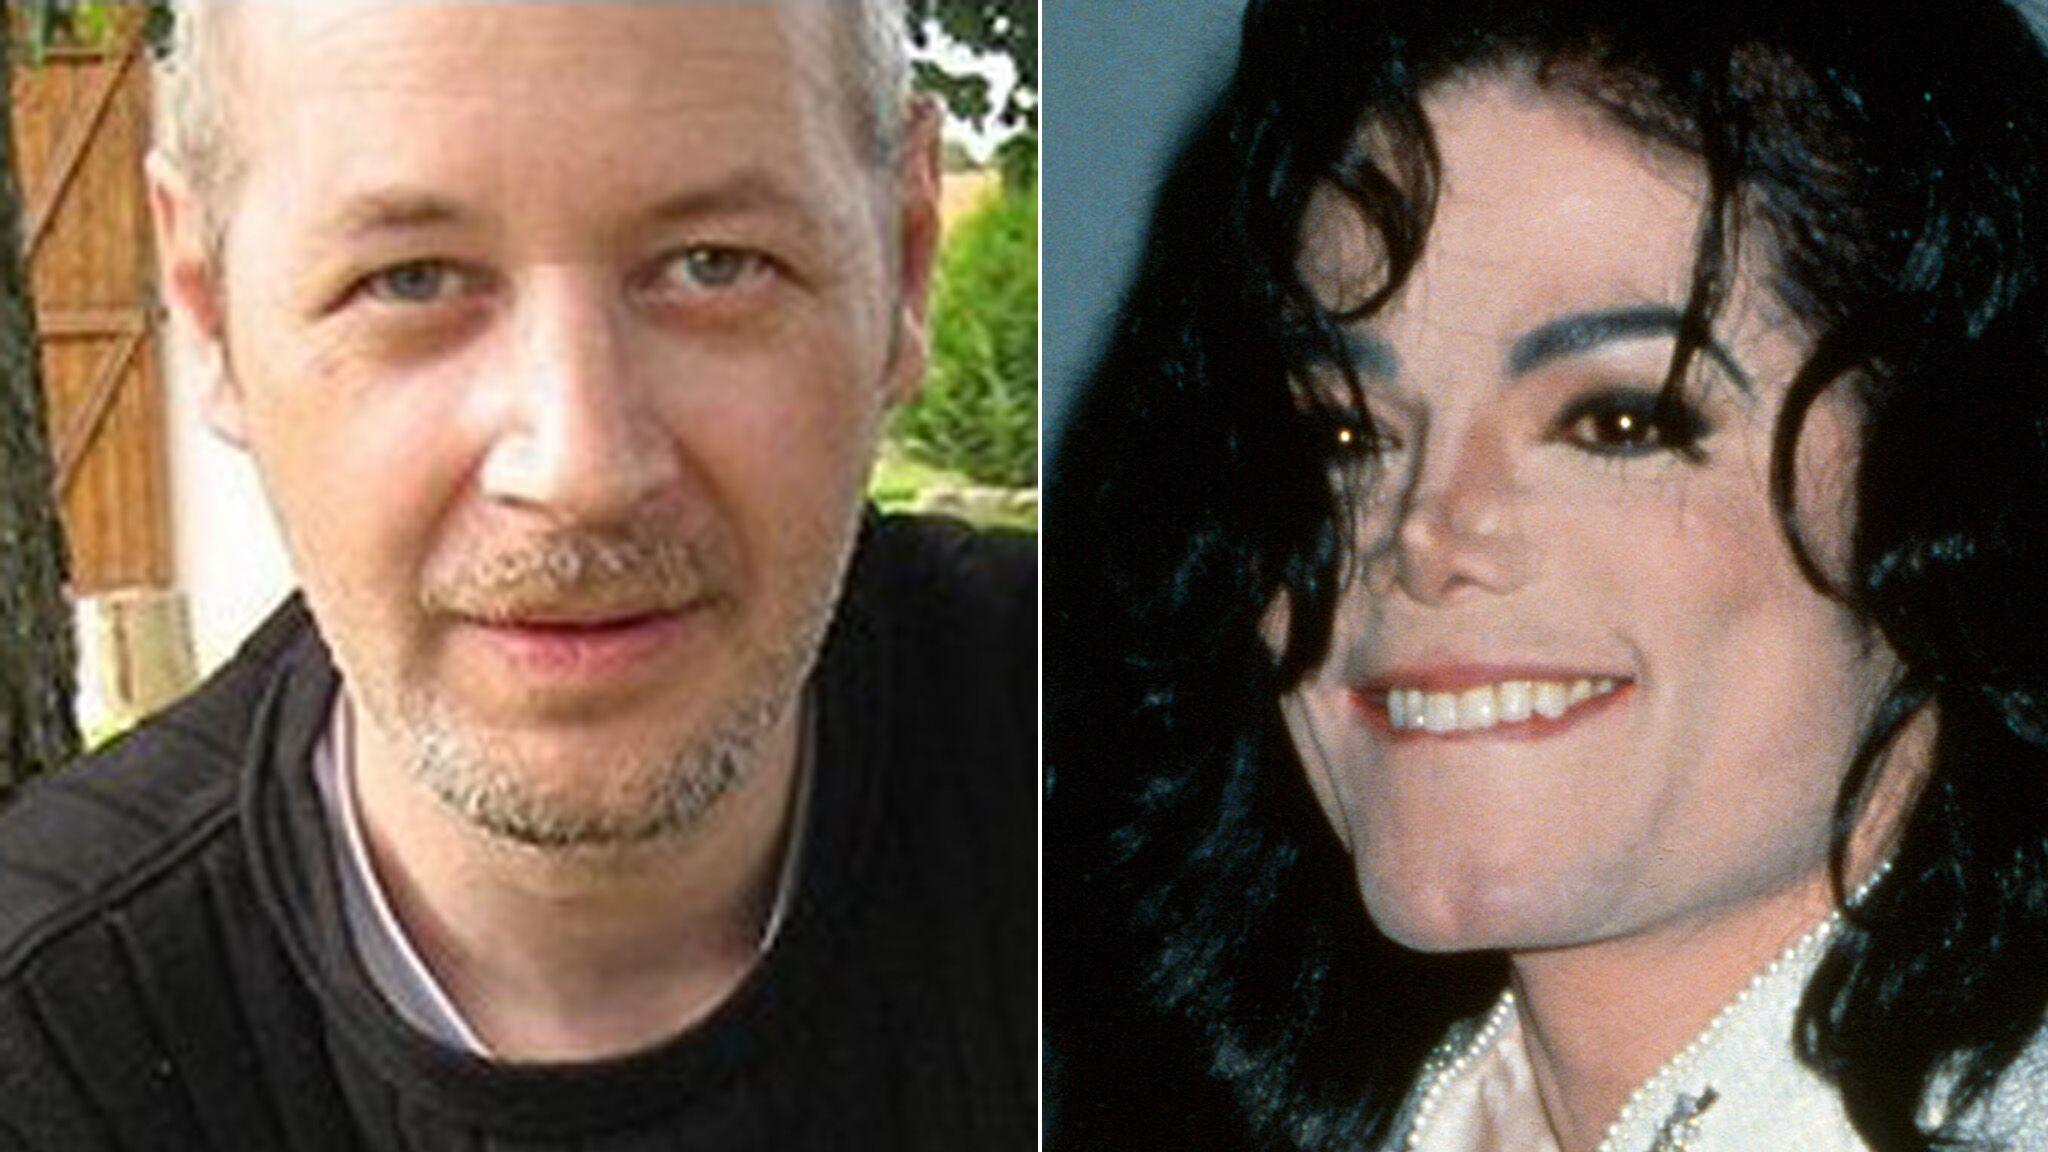 Michael Jackson a-t-il vraiment perdu son nez? Son photographe officiel brise le silence